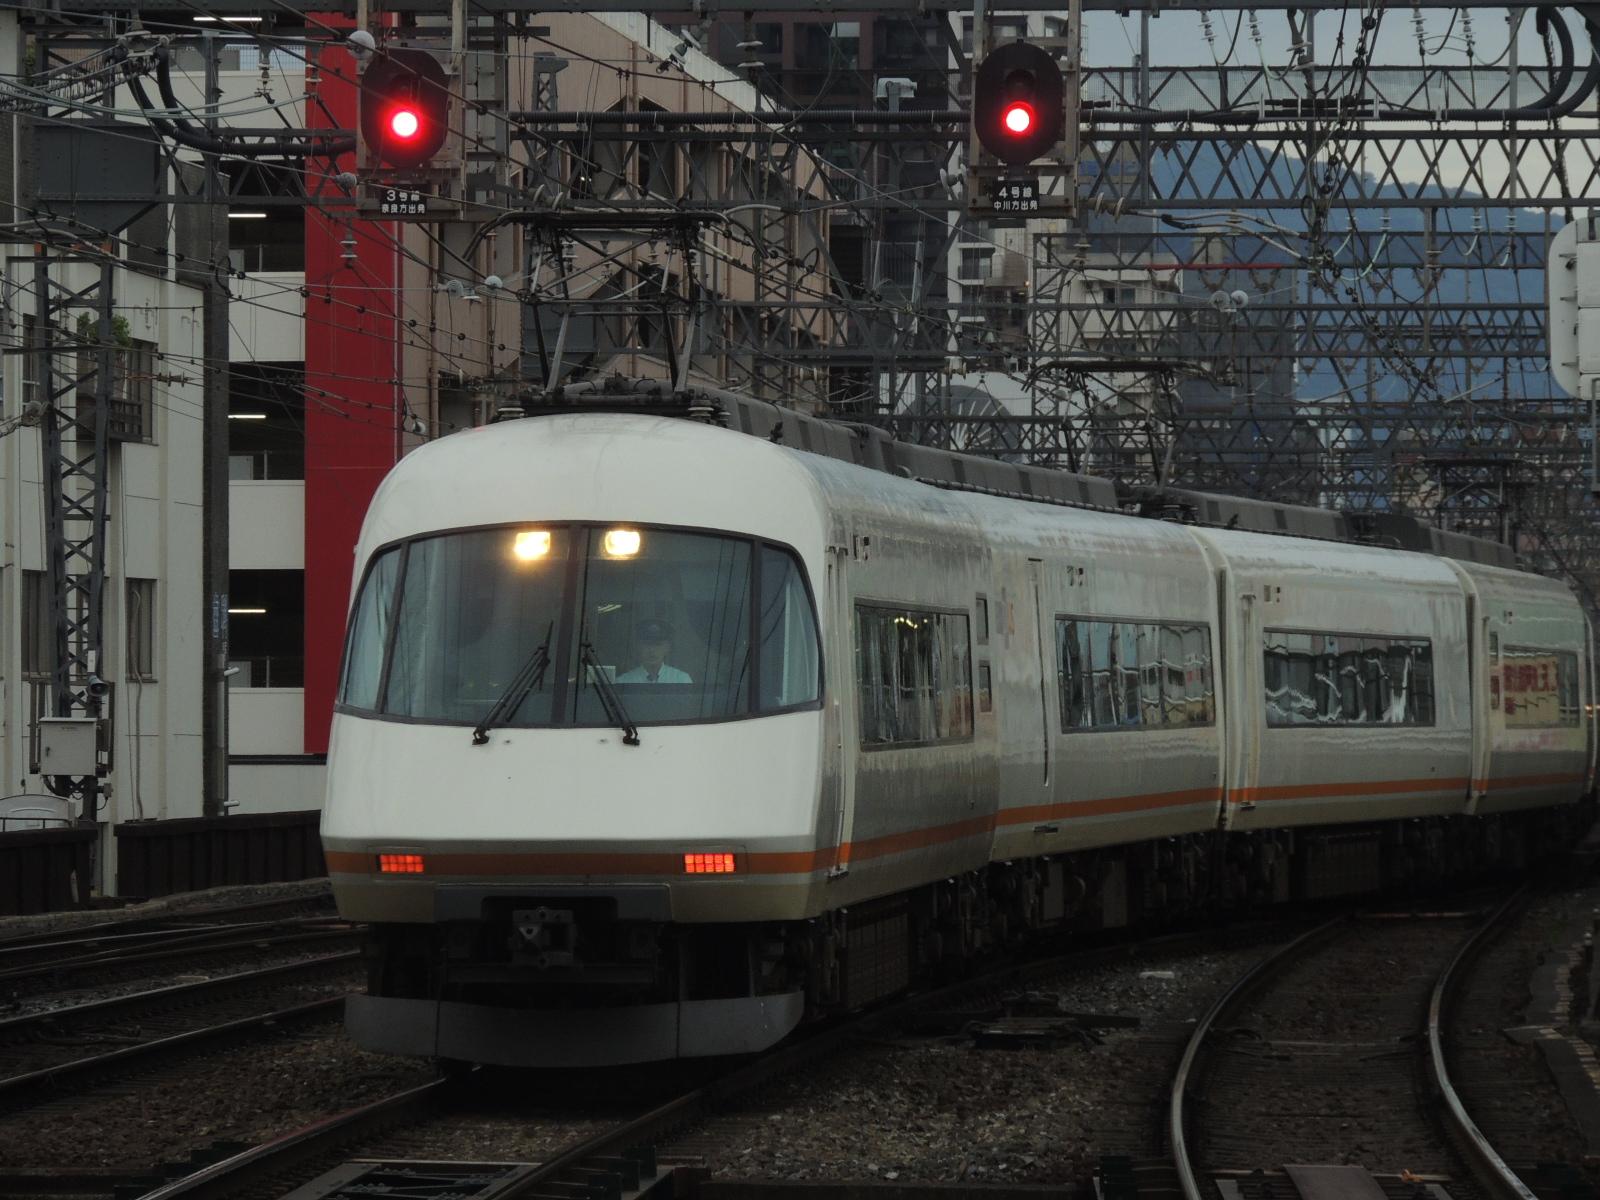 DSCN9265.jpg